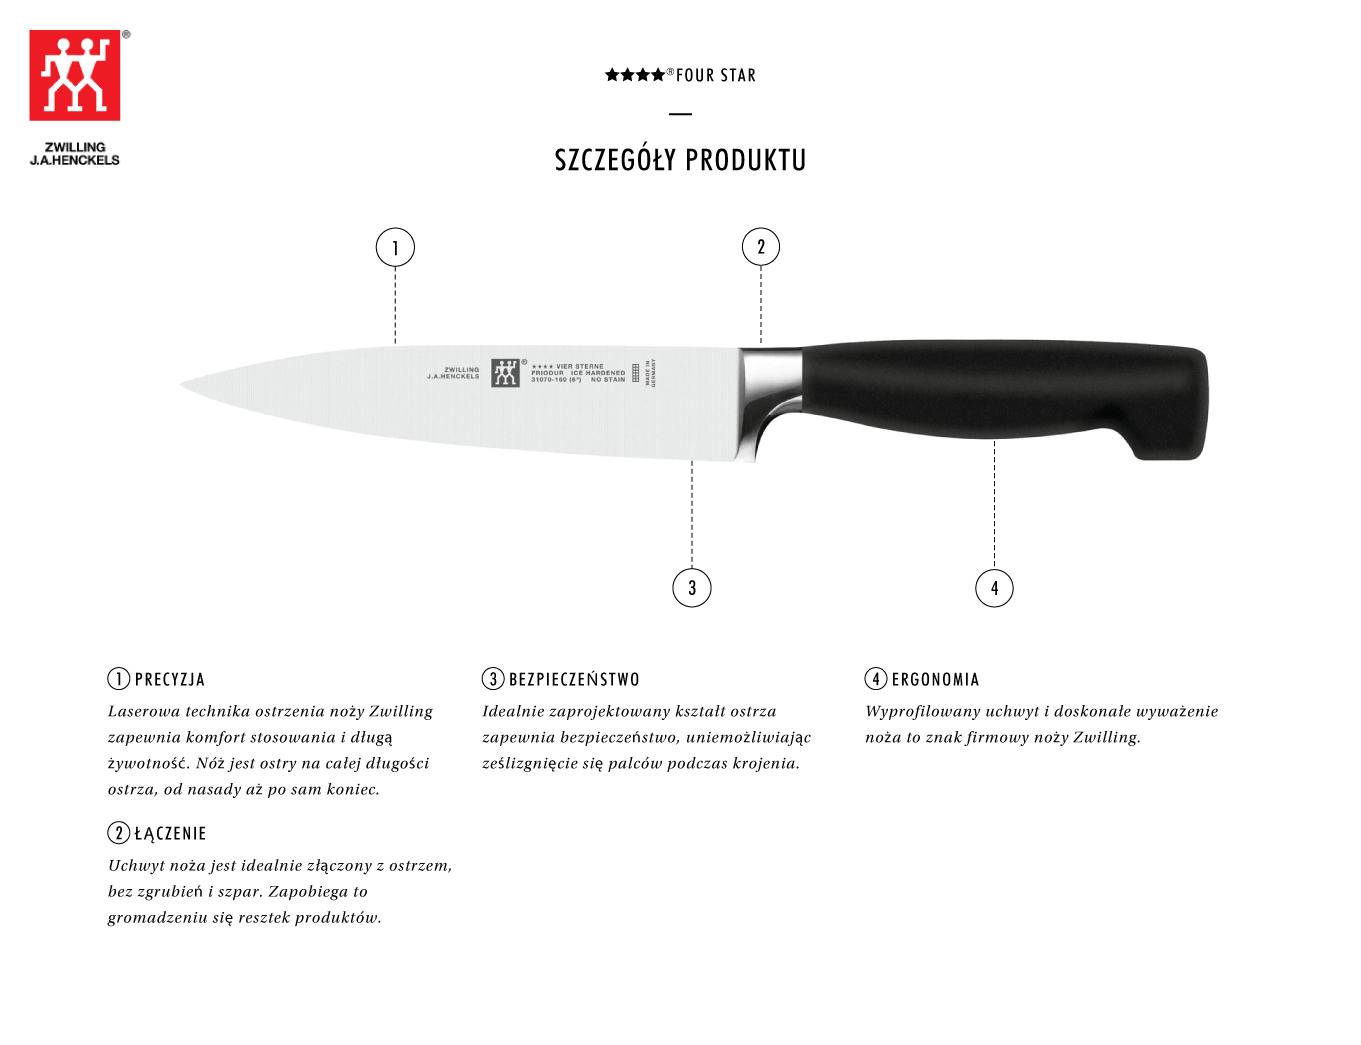 Dlaczego warto kupić nóż do wędlin Zwilling ★★★★ ®FOUR STAR?